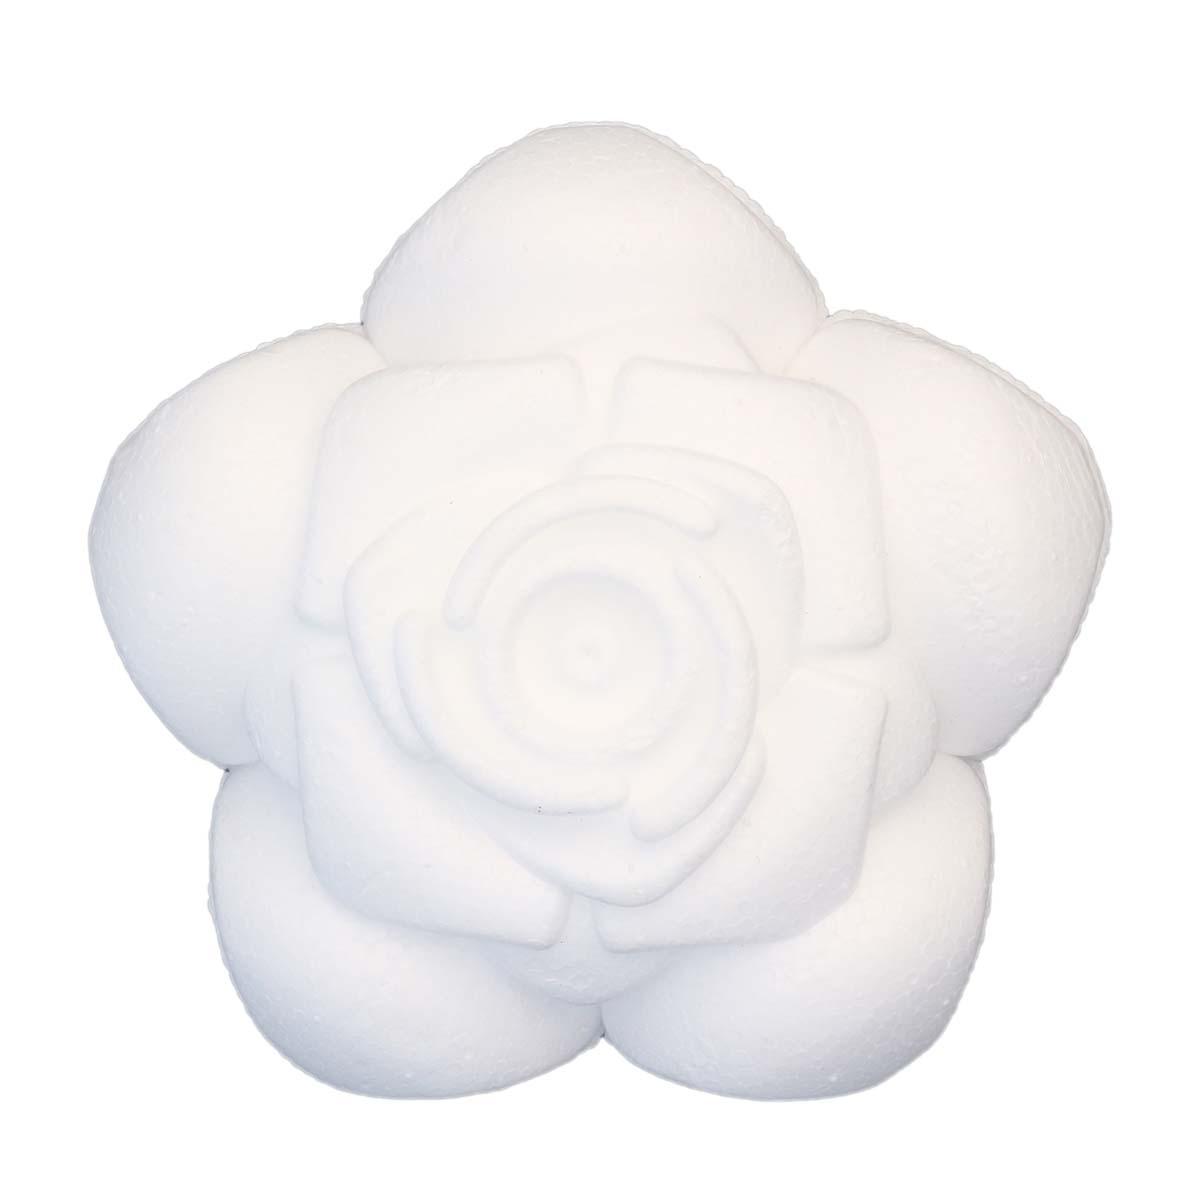 Заготовка для декорирования из пенопласта 'Роза', 1 шт/упак, Астра